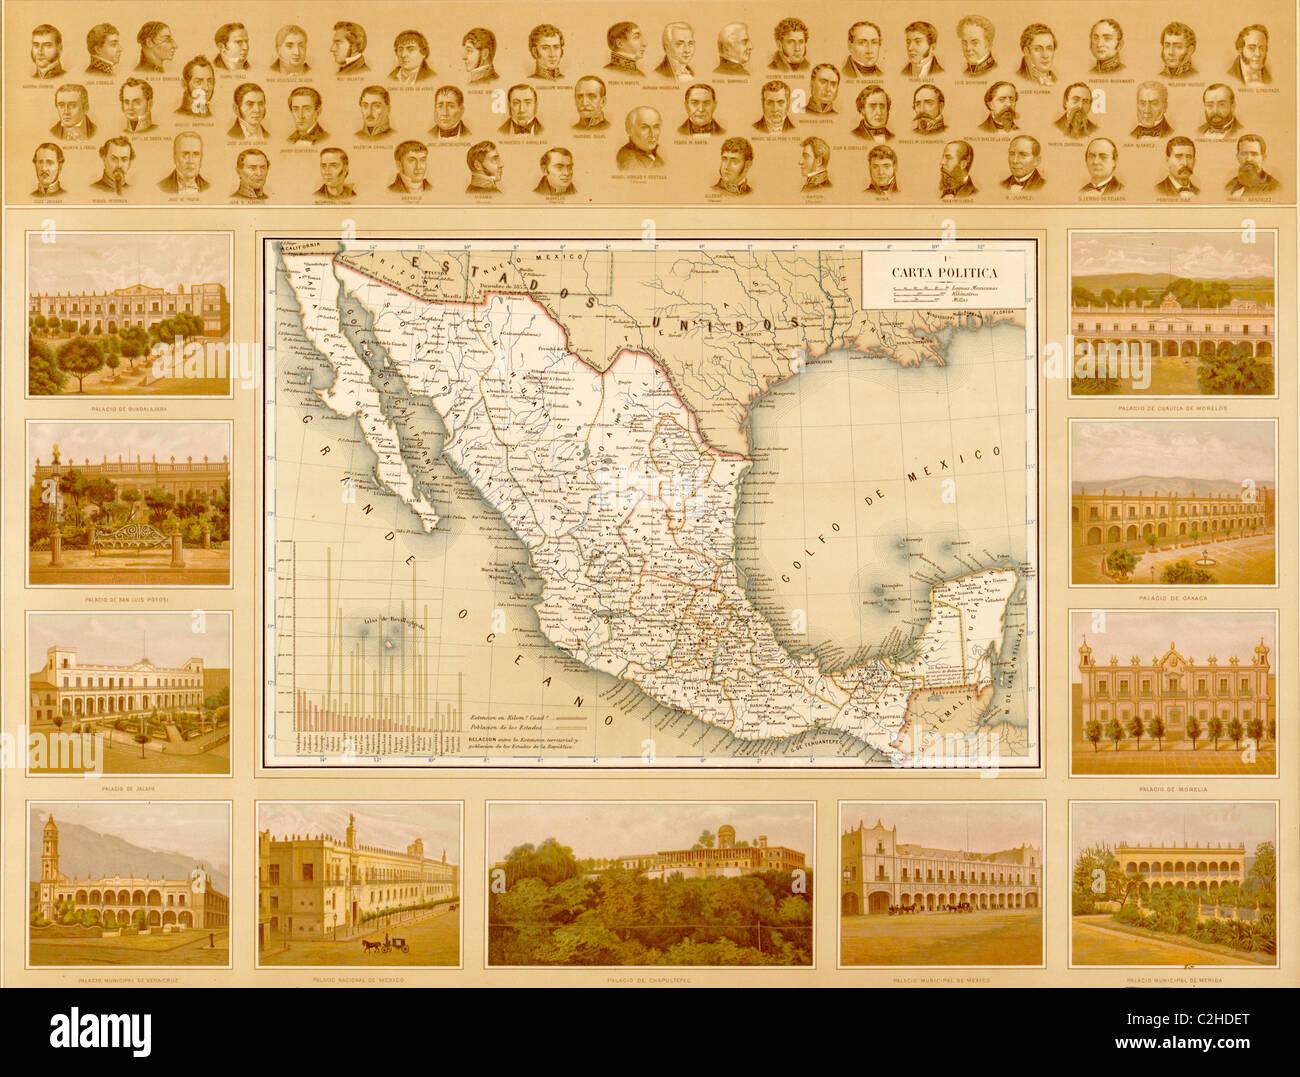 Cartina Politica Messico.Mappa Politica Del Messico Foto Stock Alamy